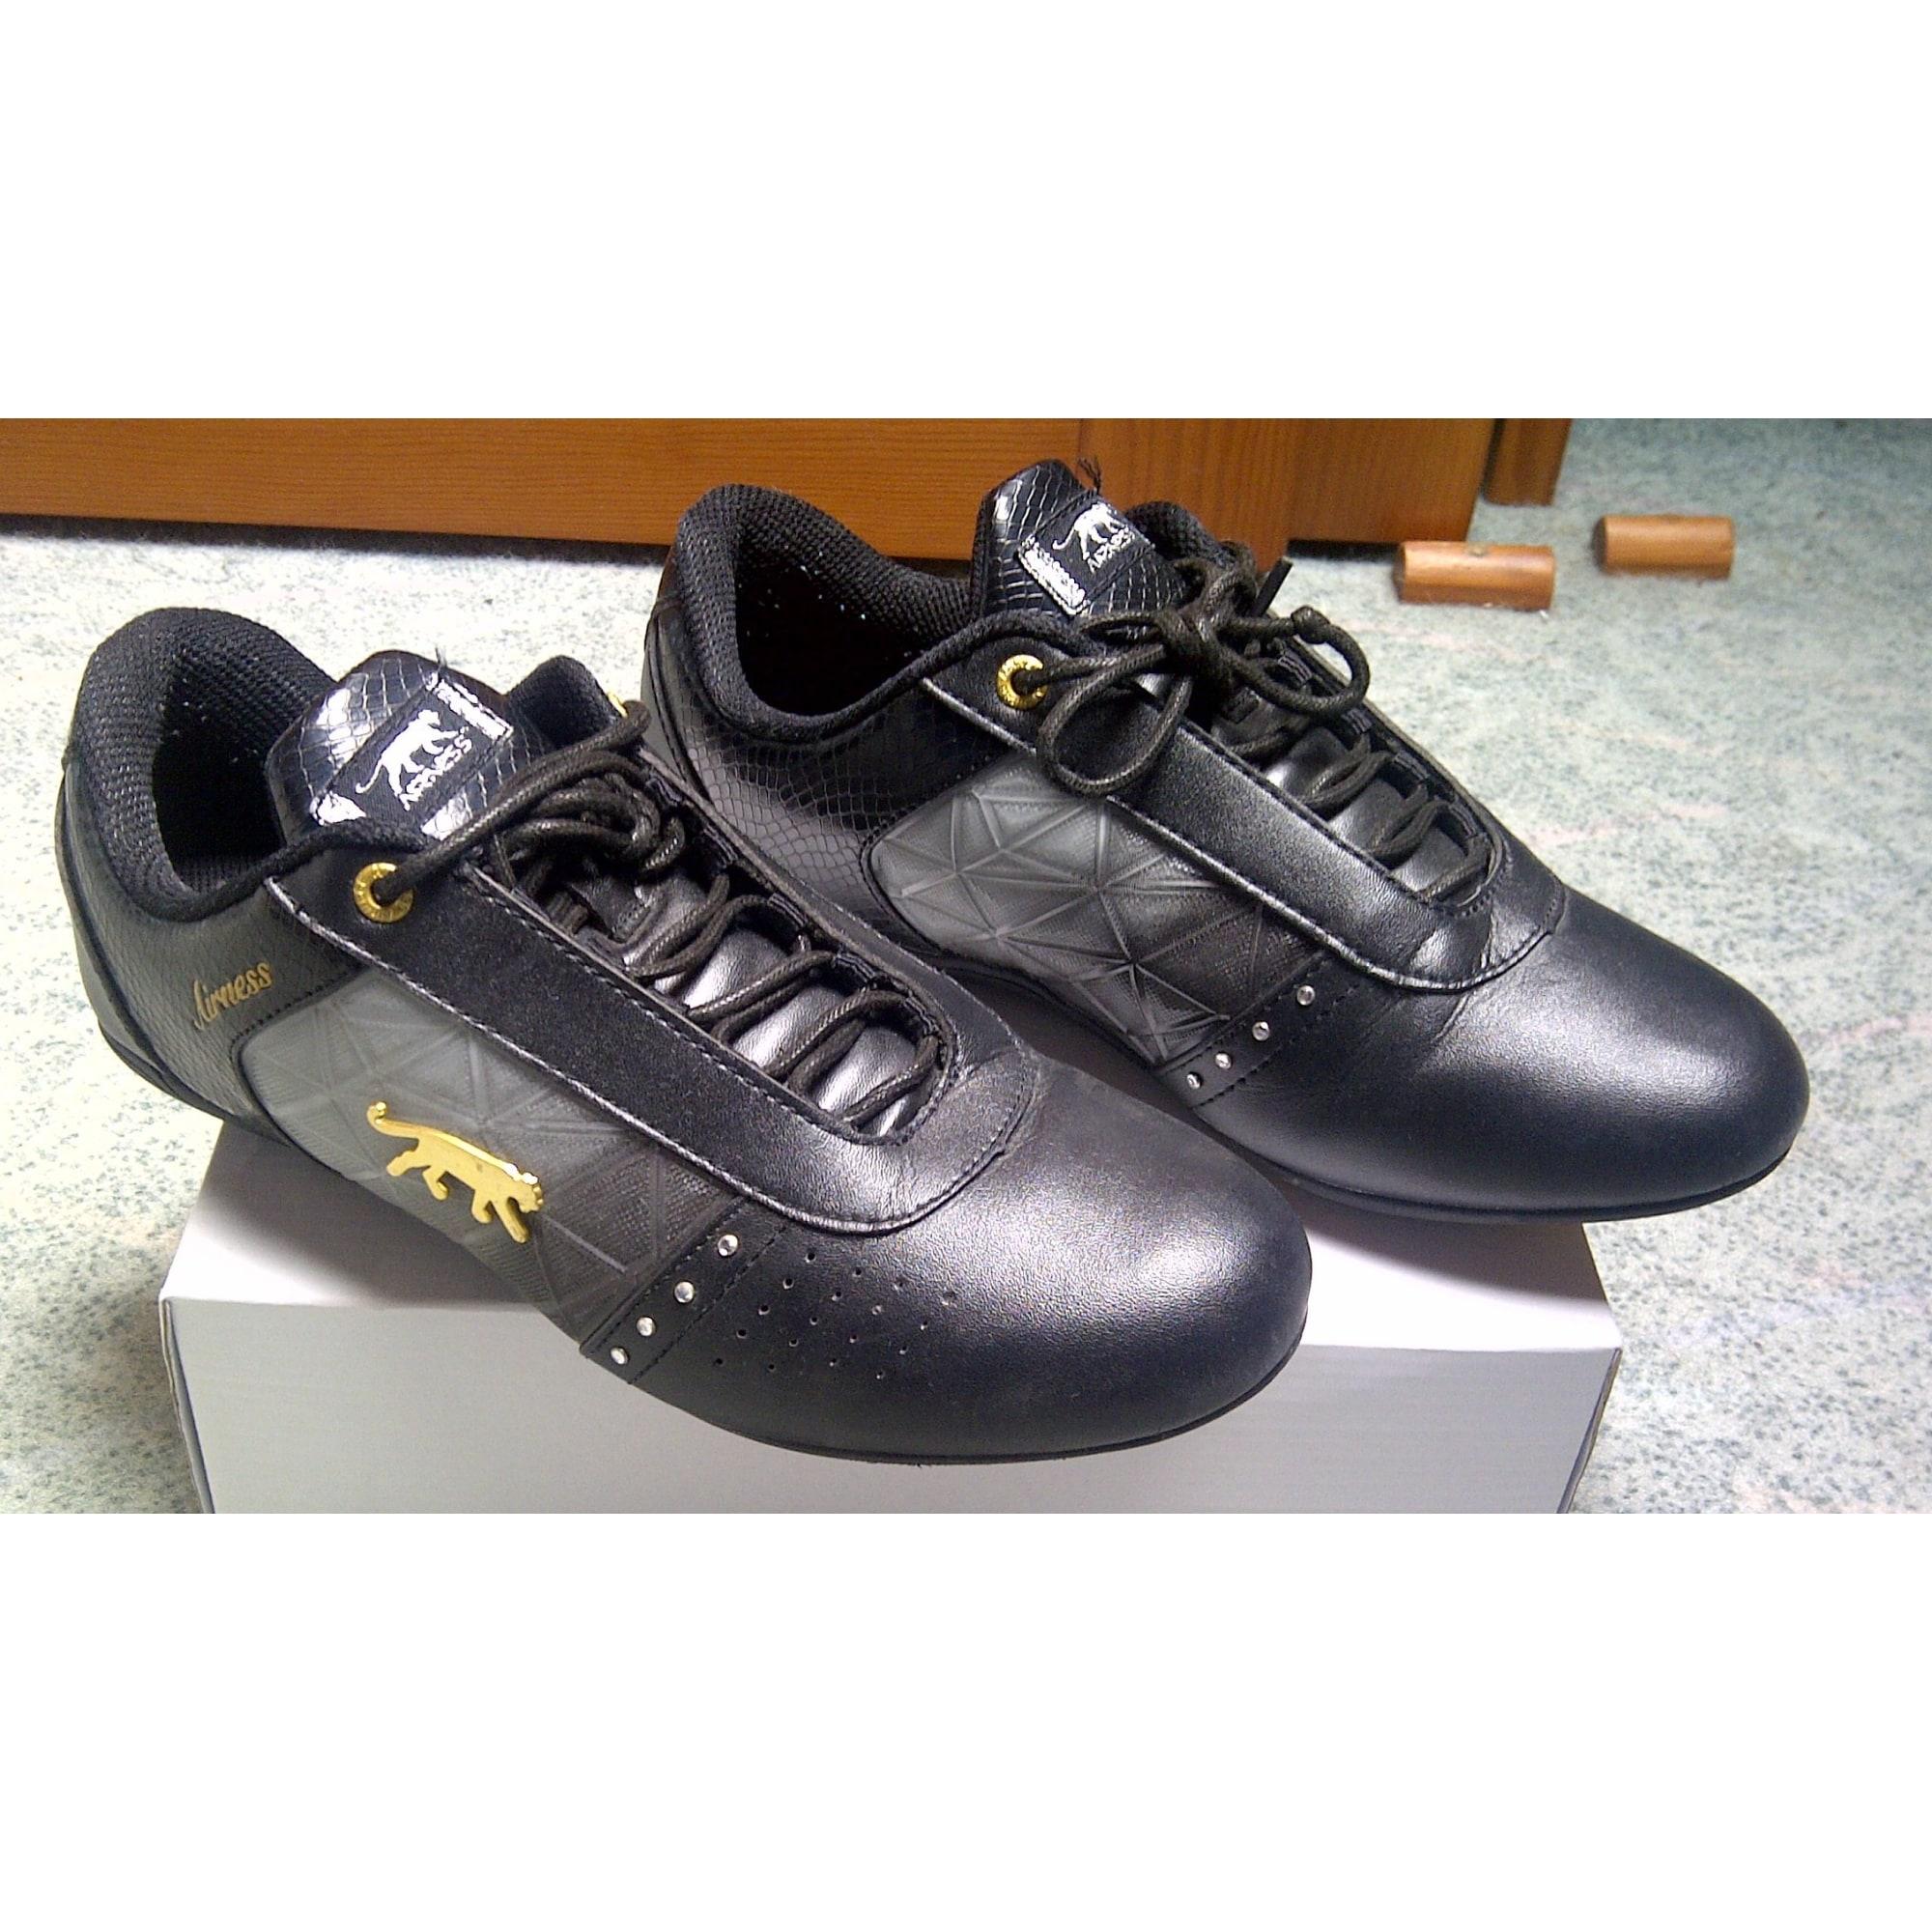 d6b402359b8a Chaussures de sport AIRNESS 40 noir vendu par Betty boop 40130 - 818772